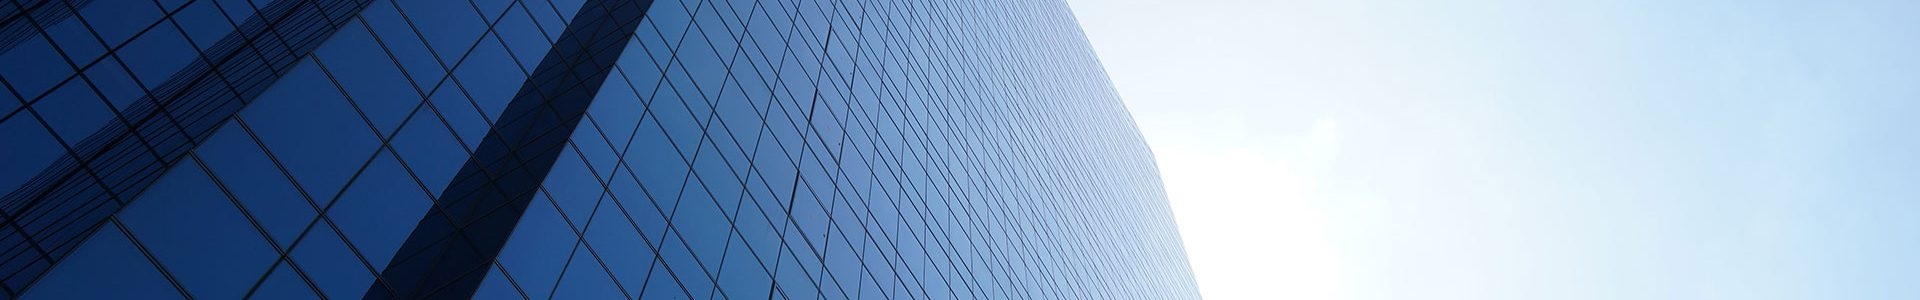 画像:高層ビル